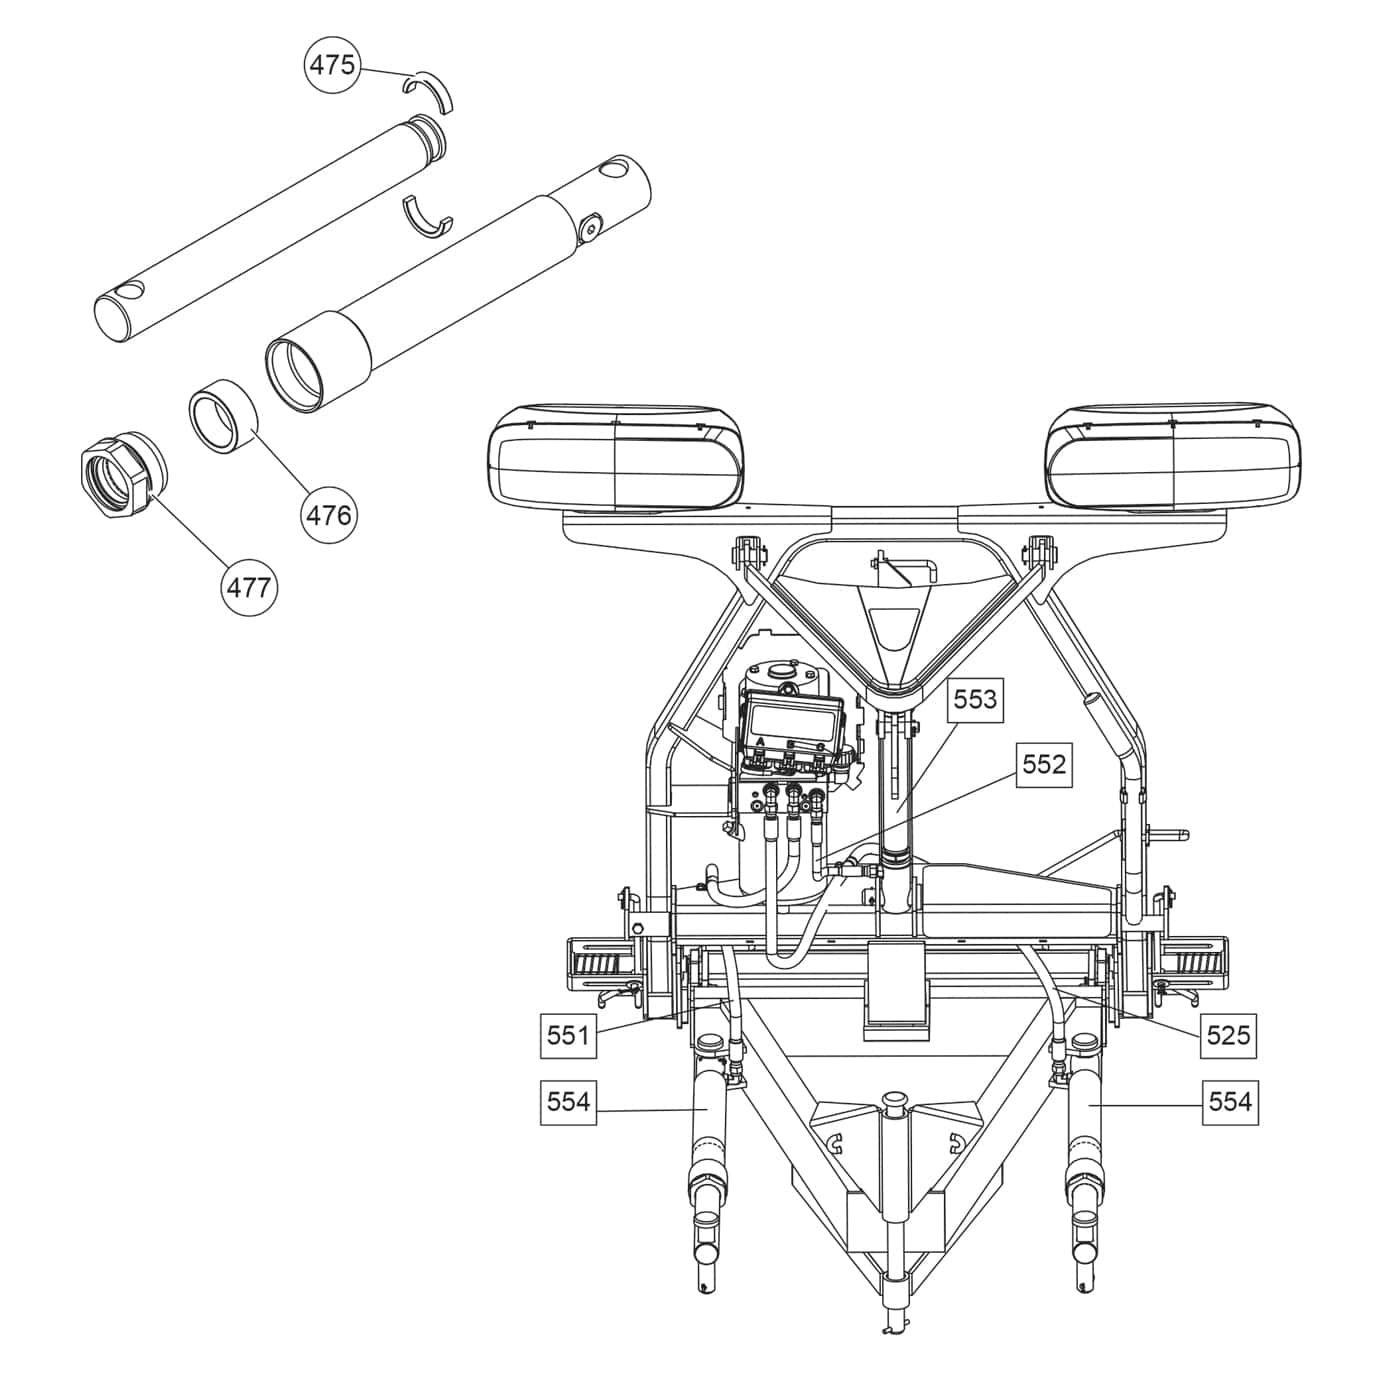 fisher xblade hydraulics diagram shop. Black Bedroom Furniture Sets. Home Design Ideas